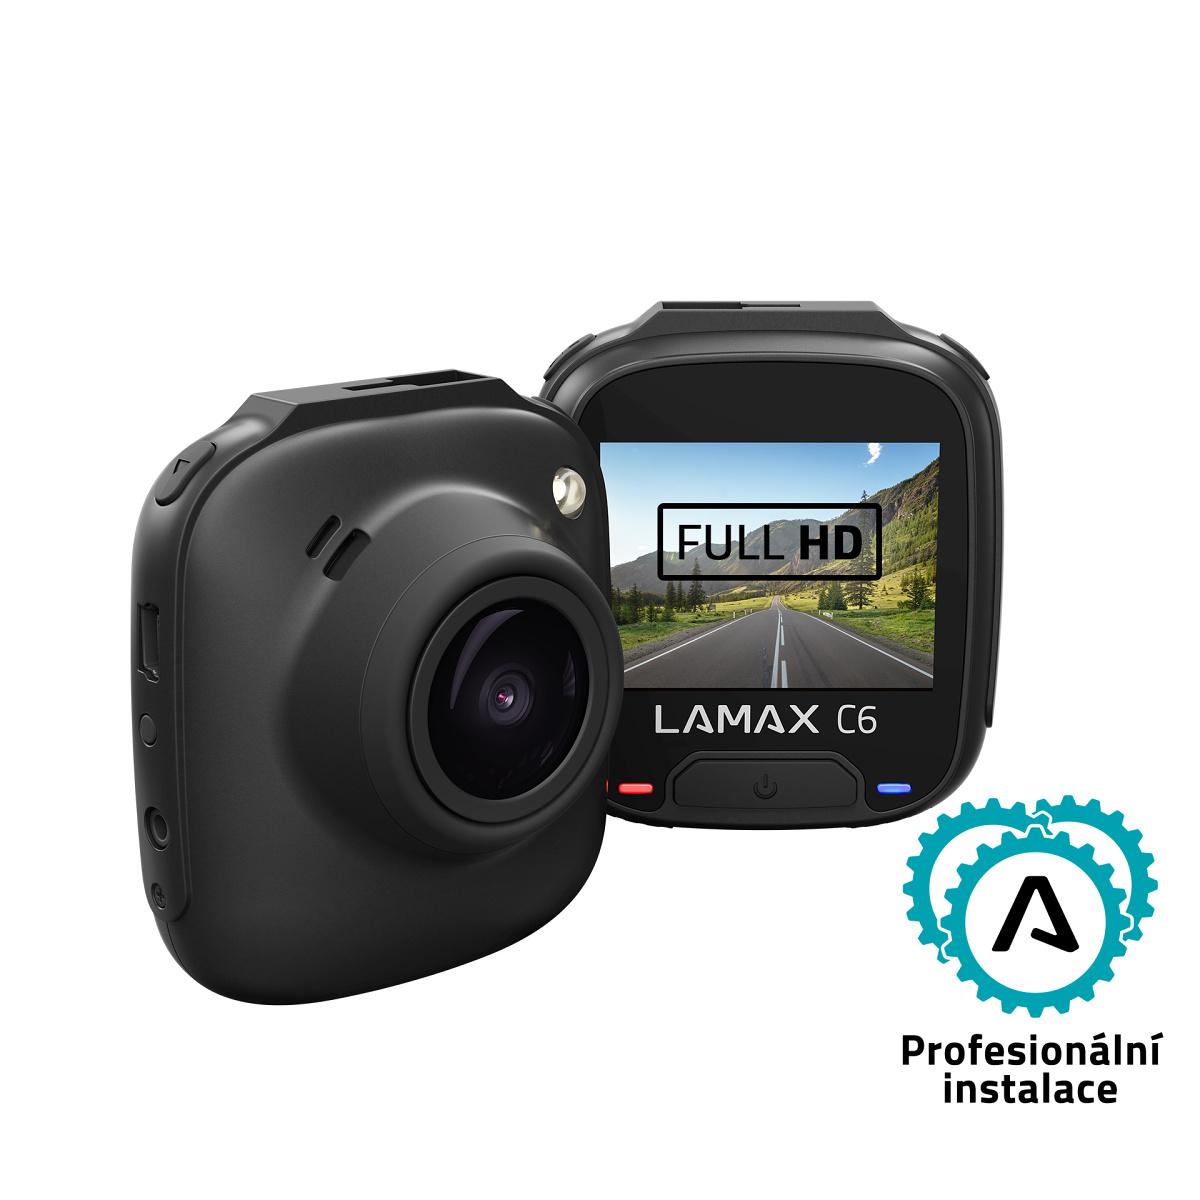 LAMAX C6 - Hlídá každý kilometr